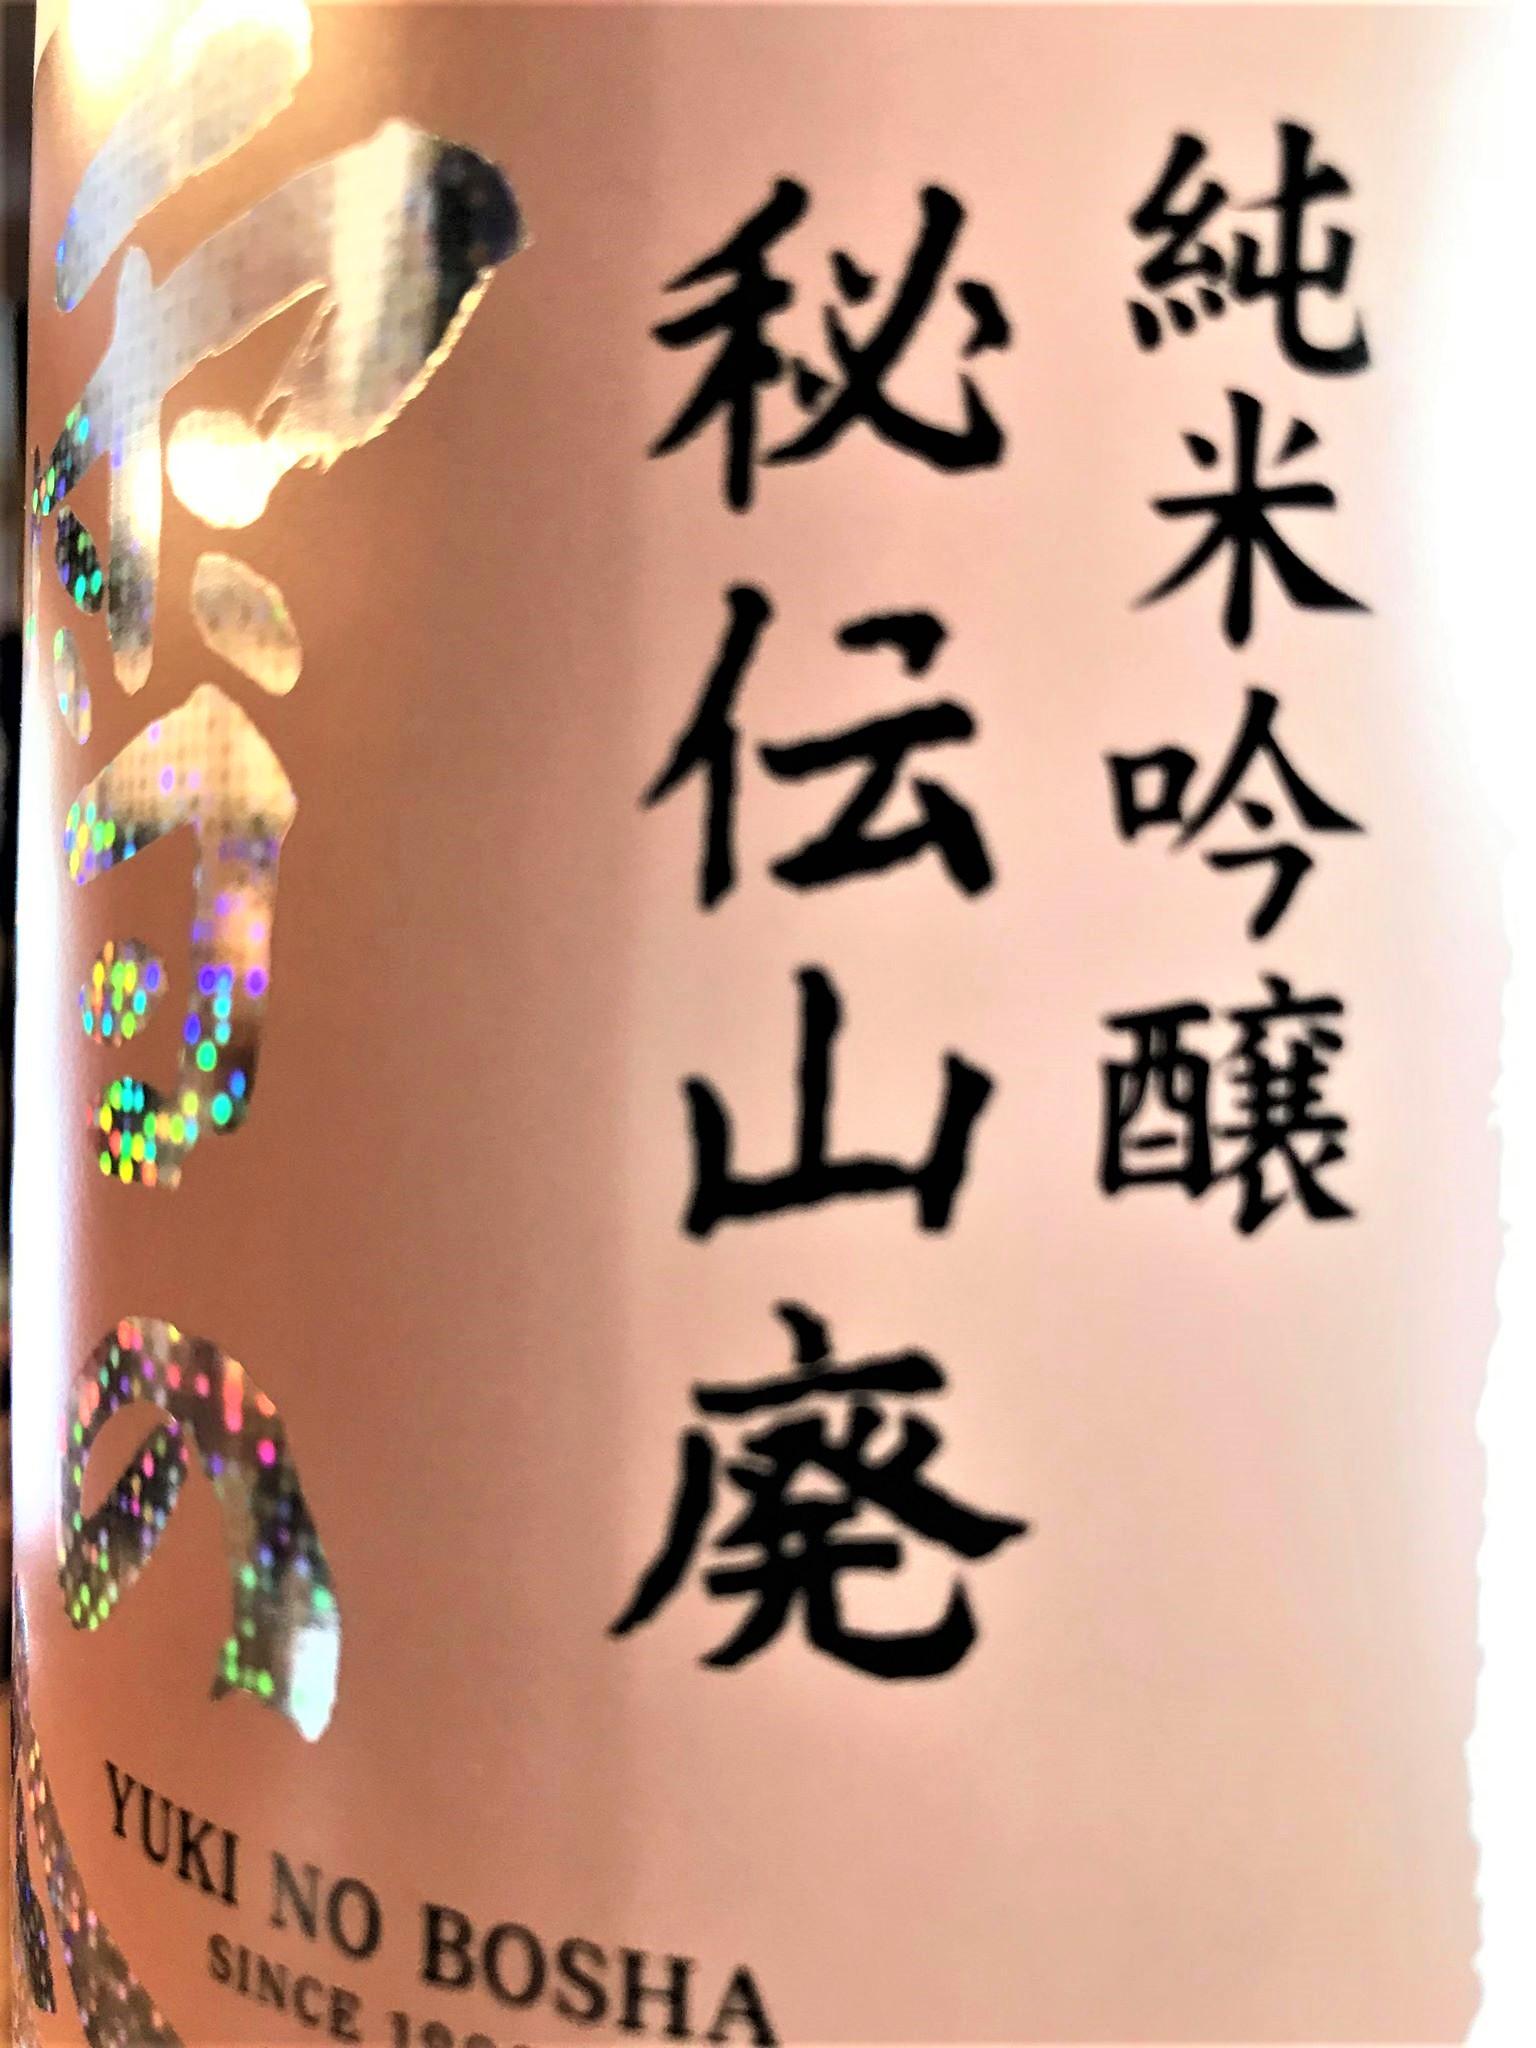 【日本酒】雪の茅舎 秘伝㊙山廃 純米吟醸生酒 蔵元特別限定蔵出し 新酒令和1BY🆕_e0173738_13444447.jpg